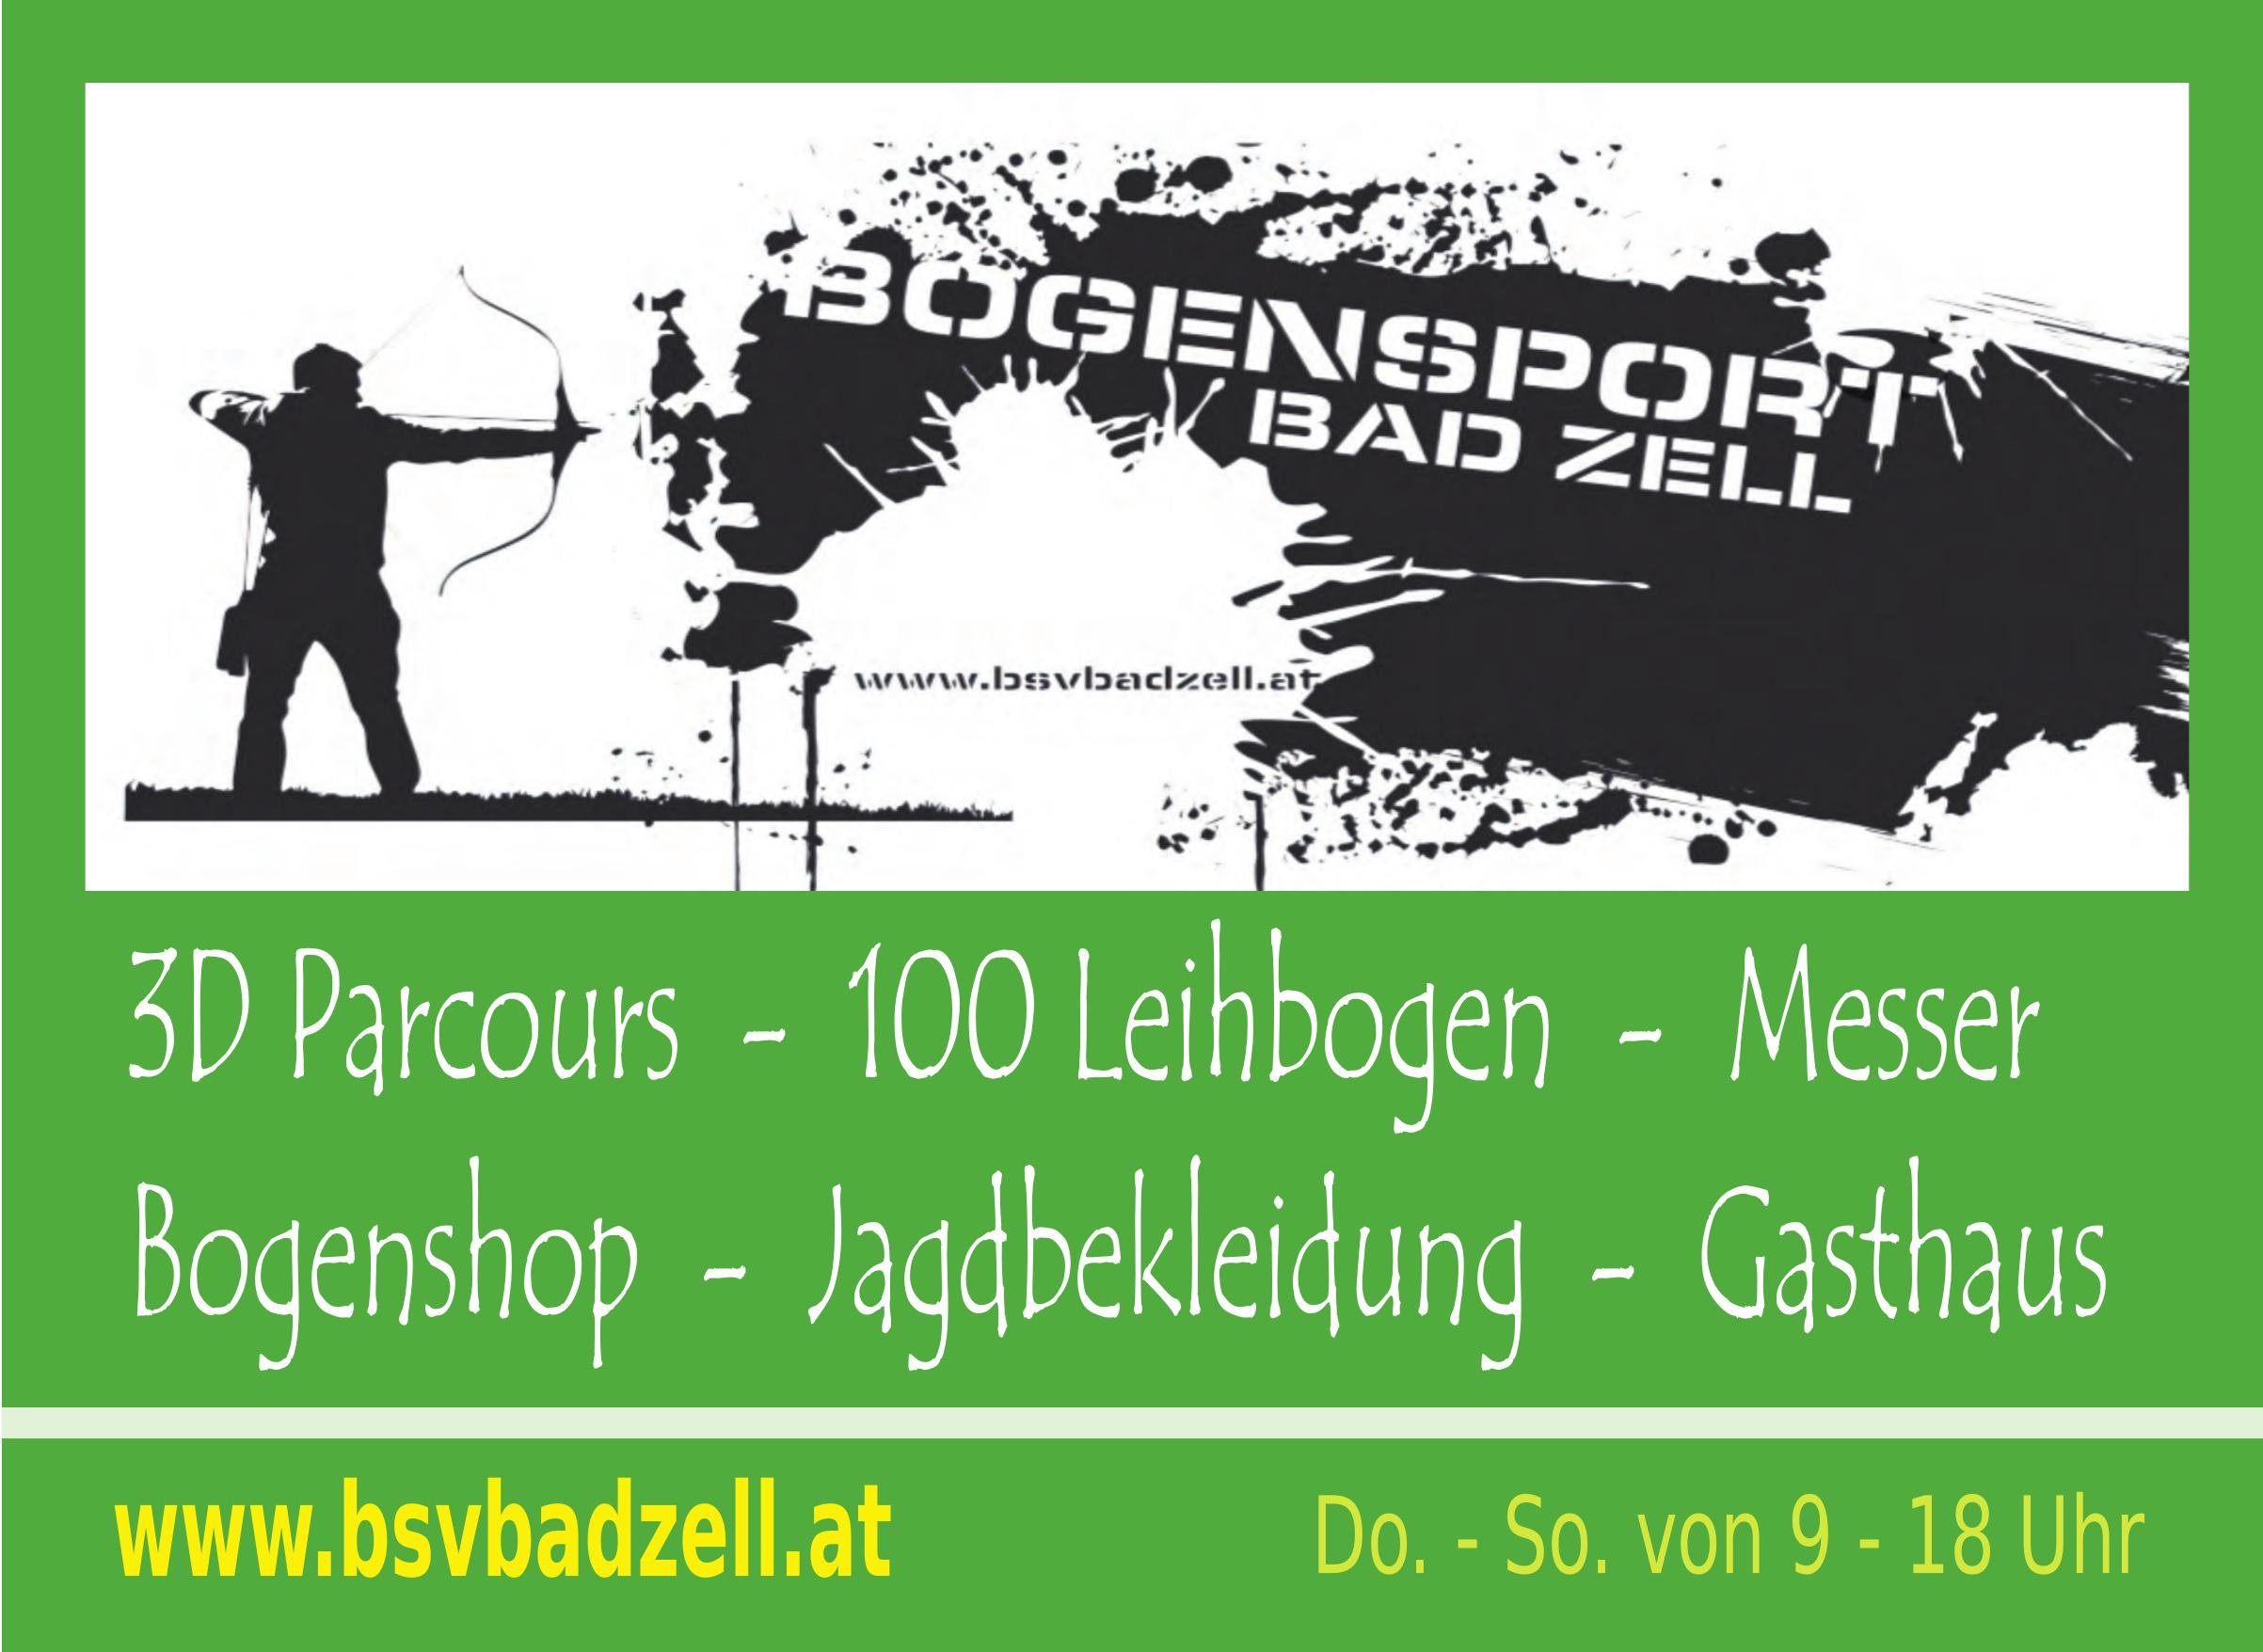 Bogensport Bad Zell